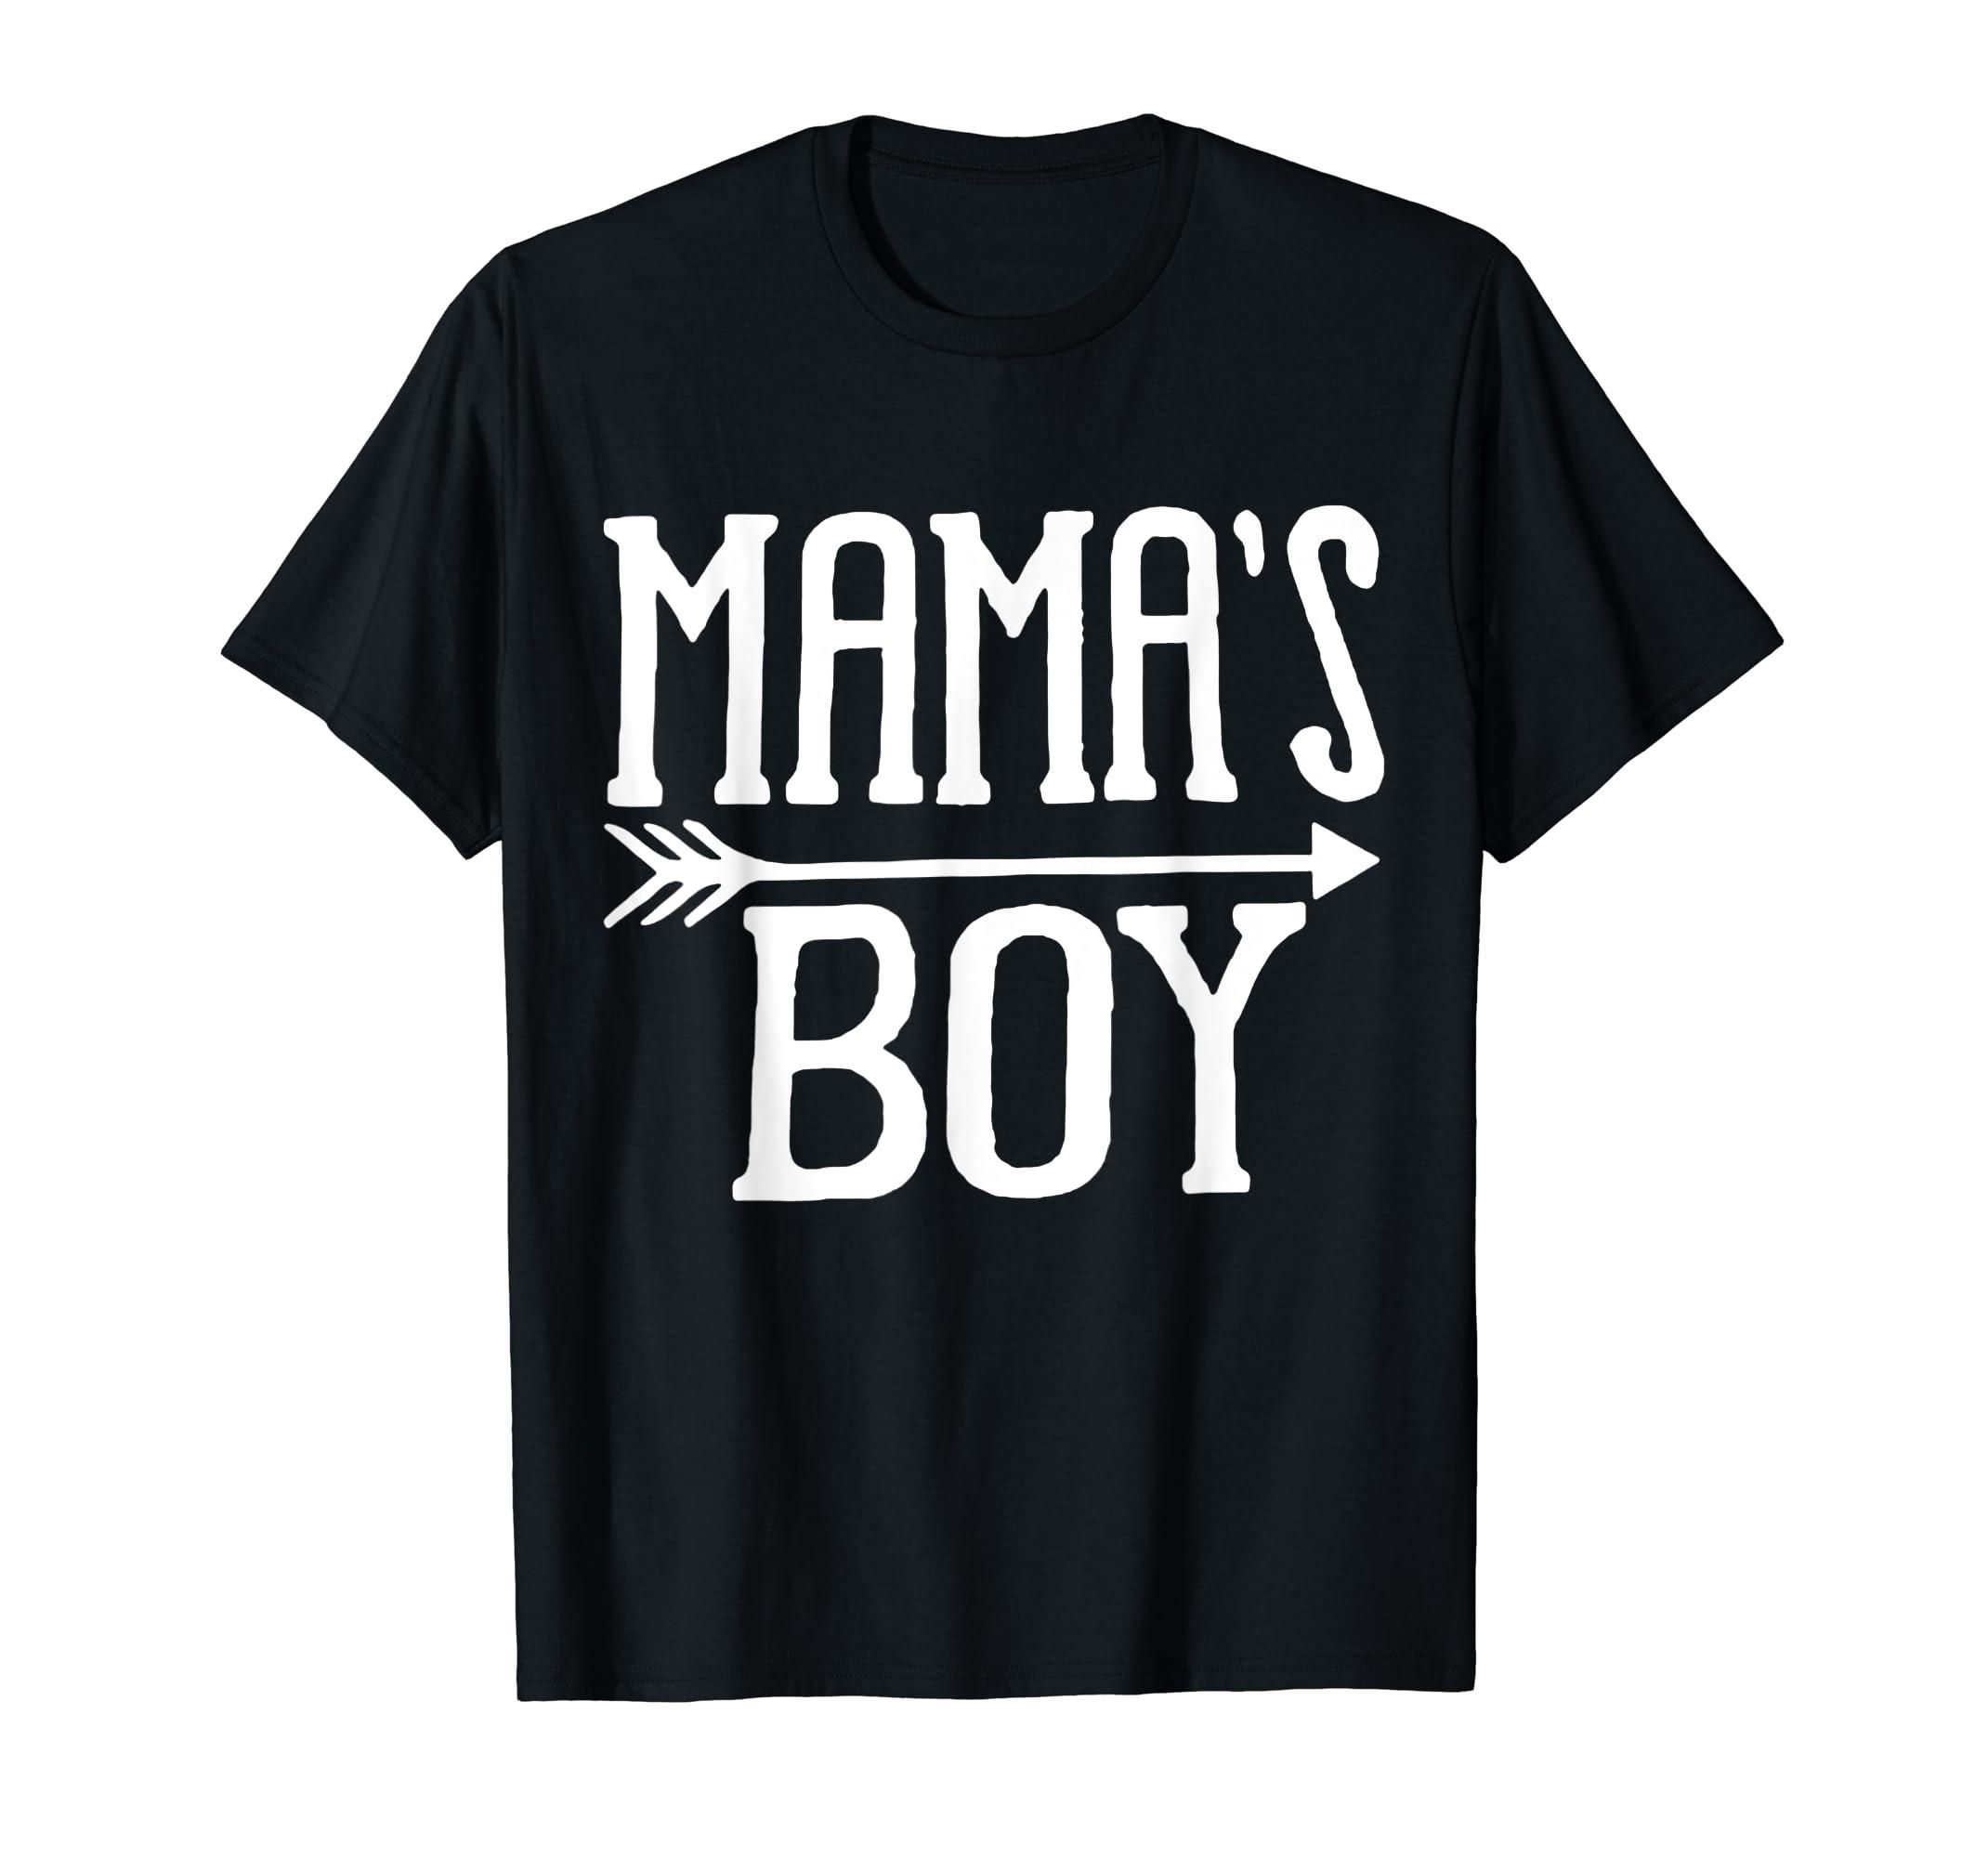 fda0c4148 Amazon.com: MAMA'S BOY T-SHIRT: Clothing